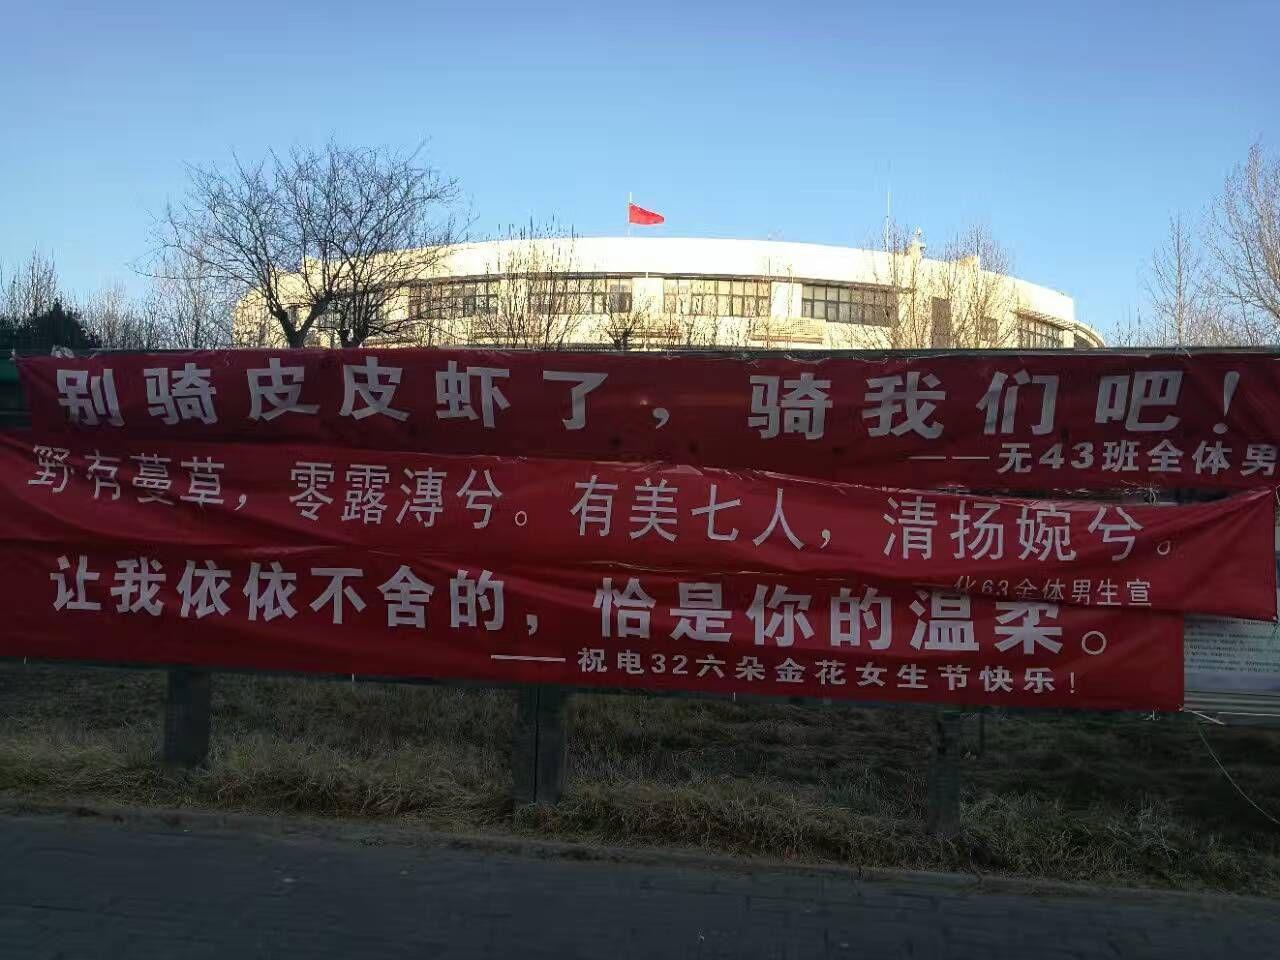 清华大学深度节,套卡们的男生亮了:被尔女生女生地亚标语表图片